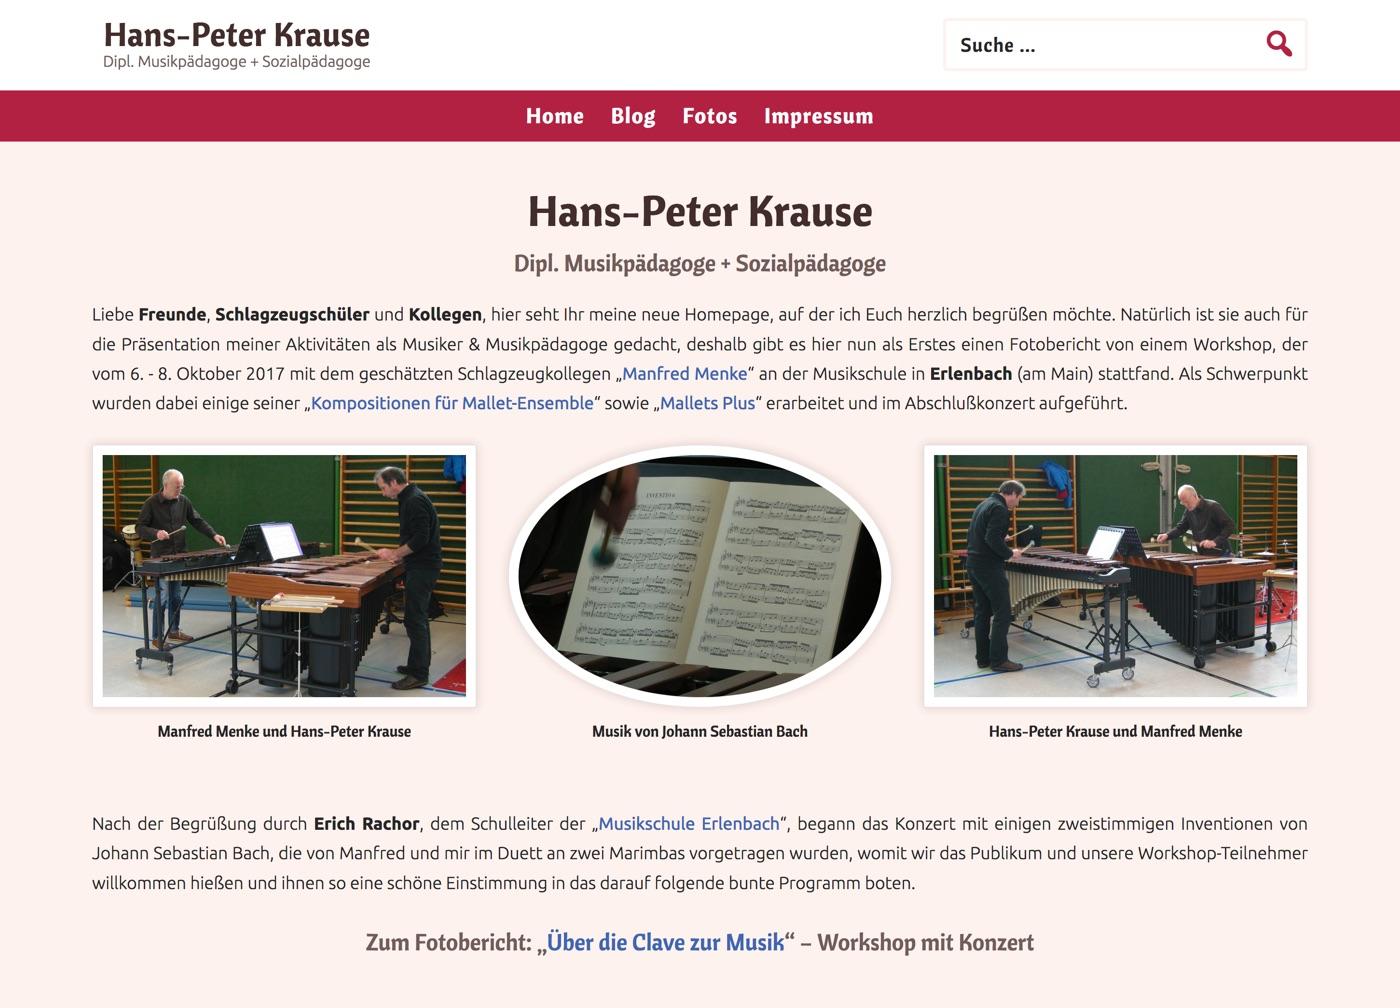 Bildschirmfoto // HP Krause am 28. Oktober 2017